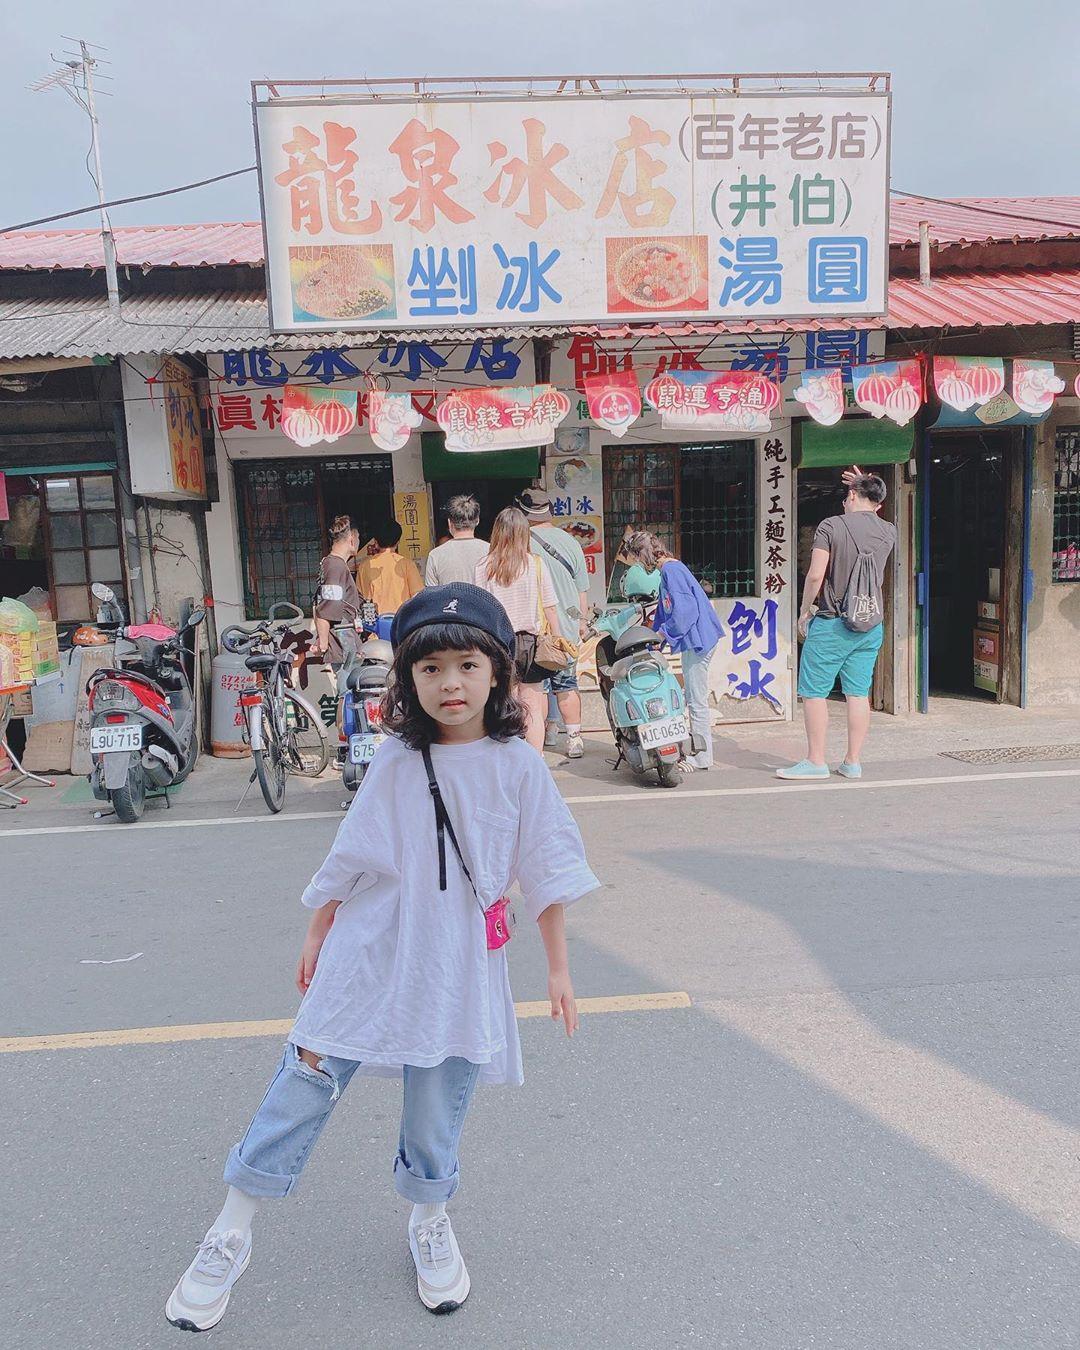 龍泉冰店 @foolagain357